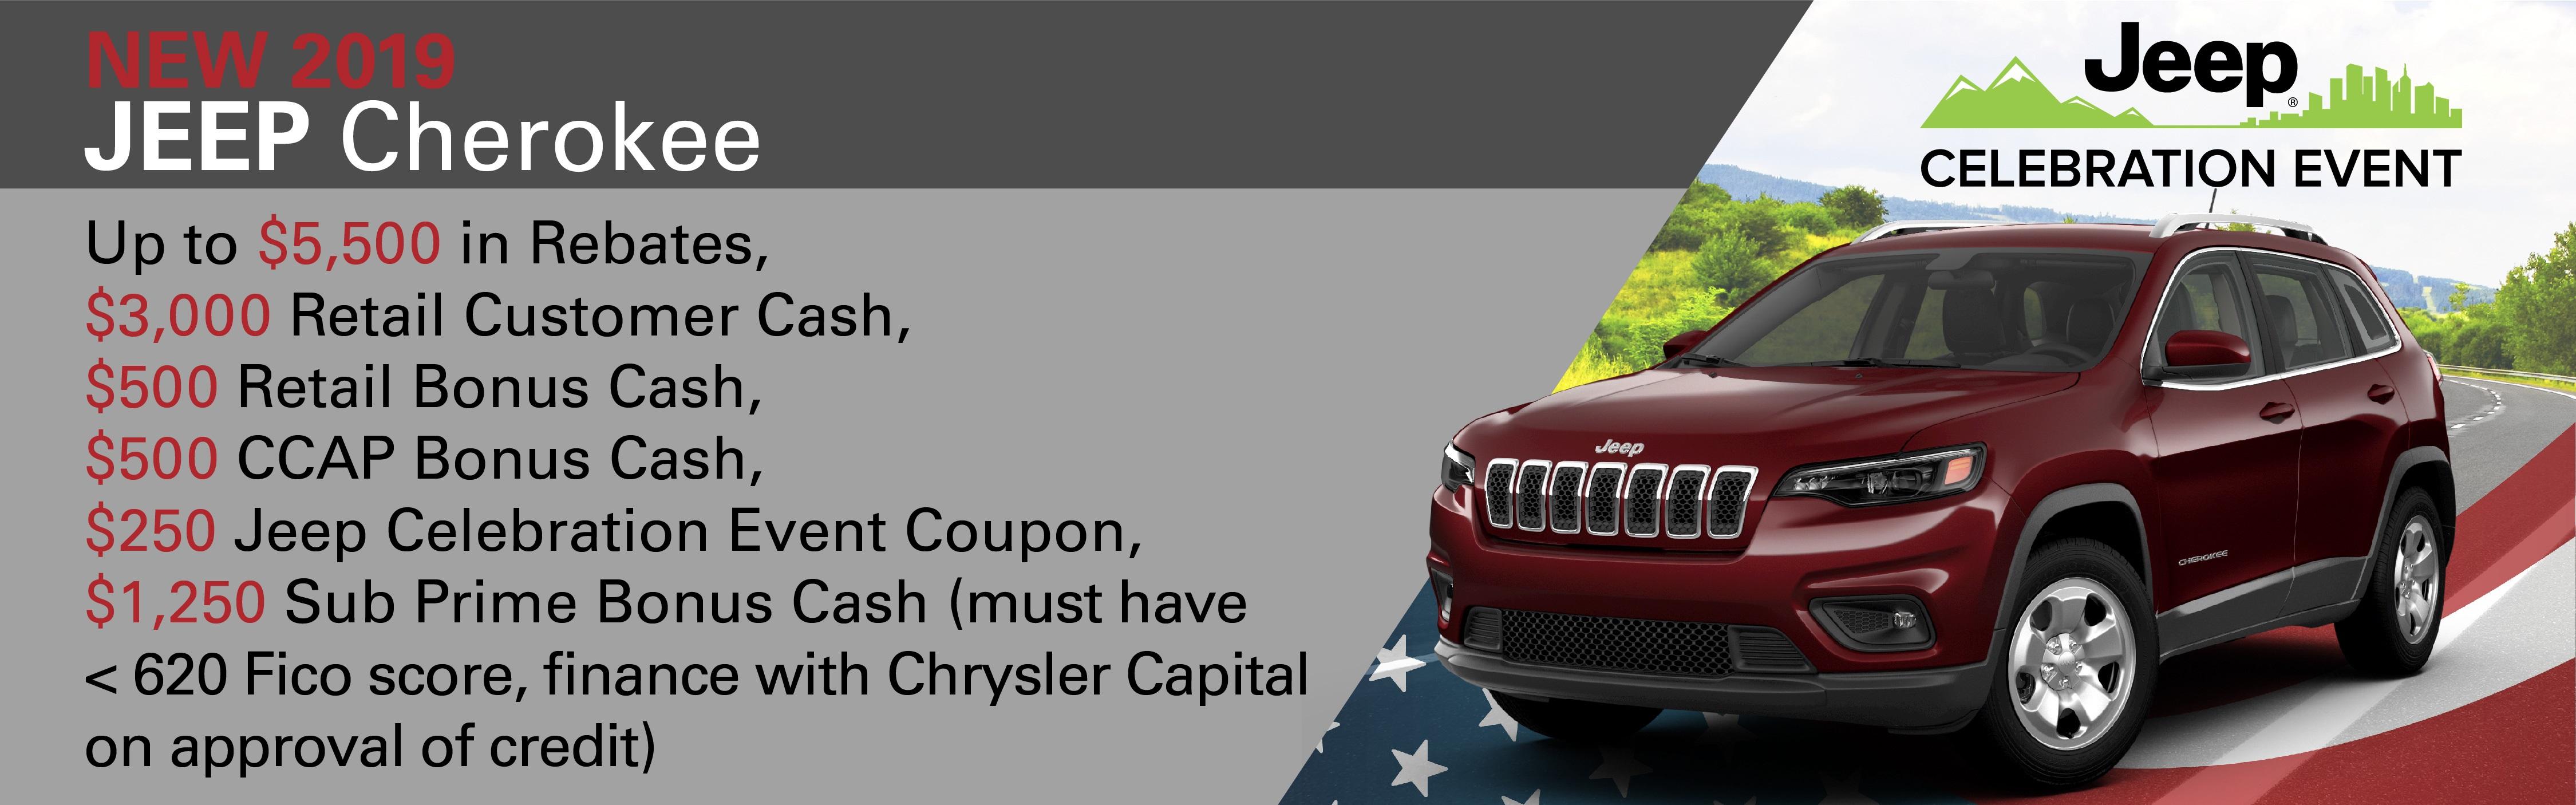 new htm ram dealership ga jeep dodge covington used chrysler dealer